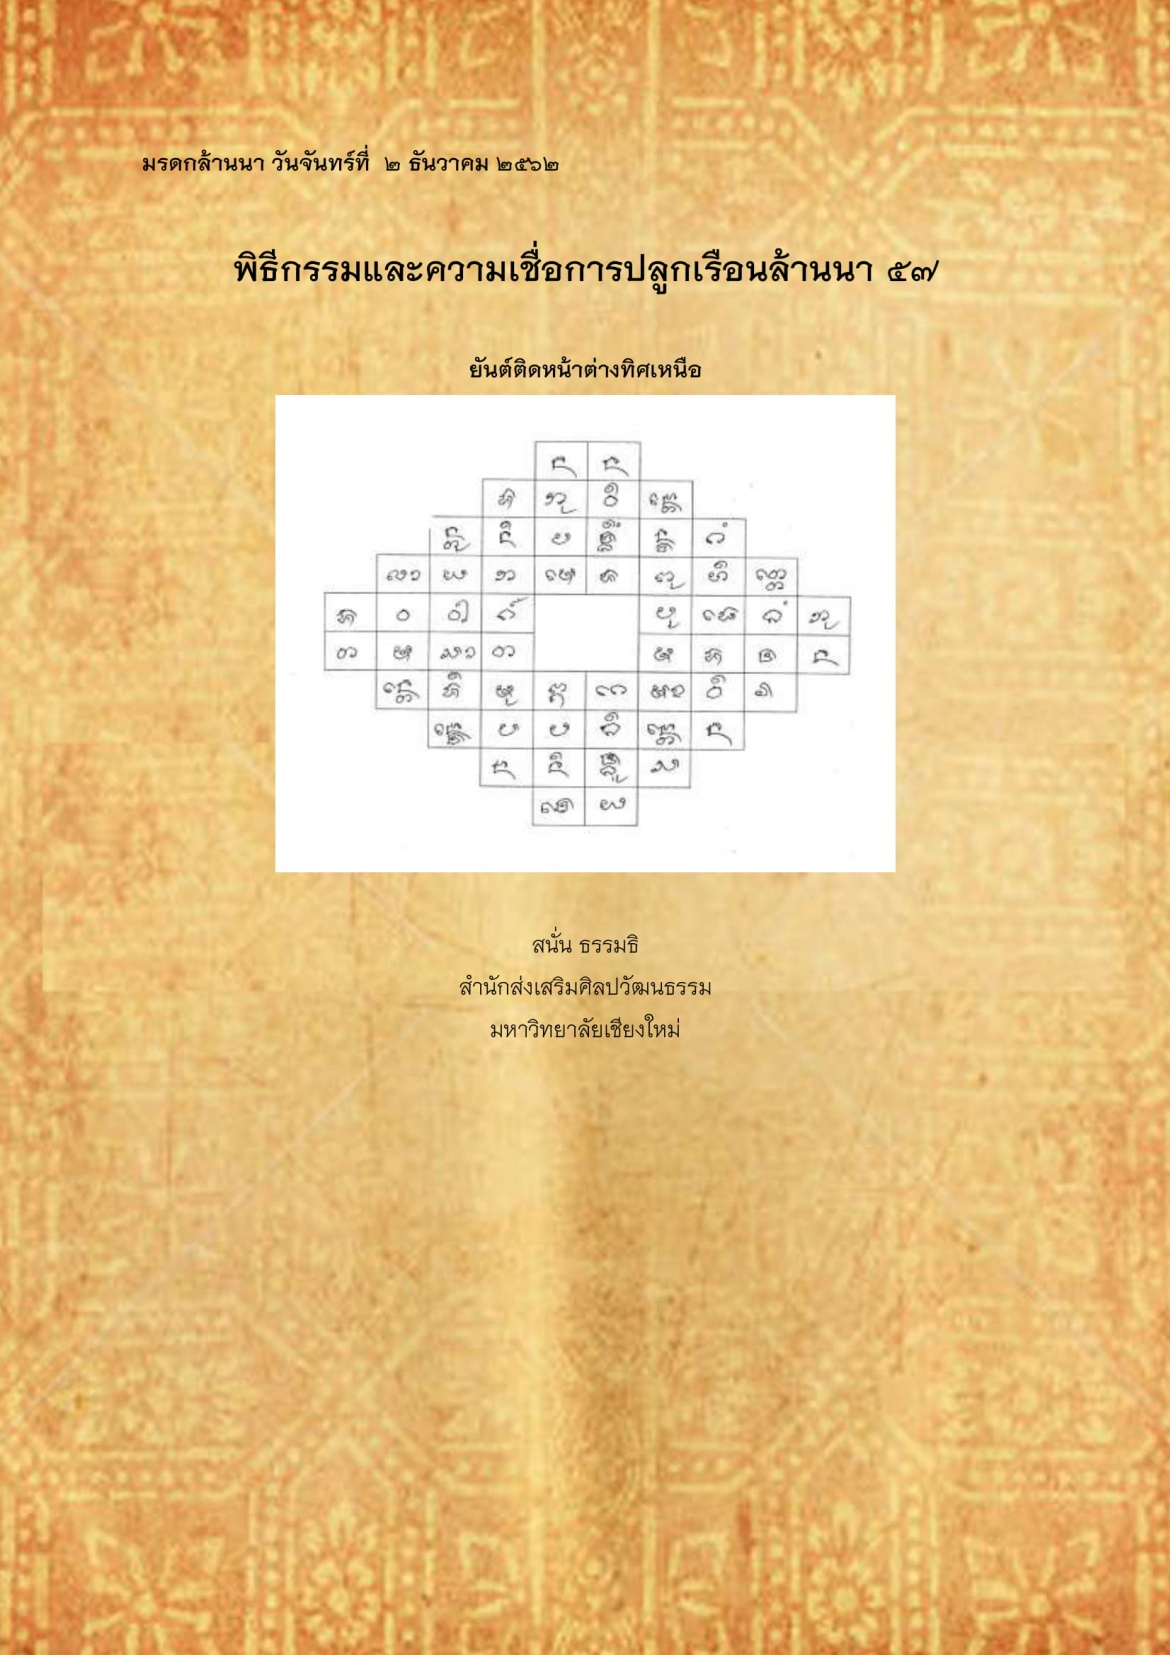 พิธีกรรมเเละความเชื่อการปลูกเรือนล้านนา(57) - 2 ธันวาคม 2562